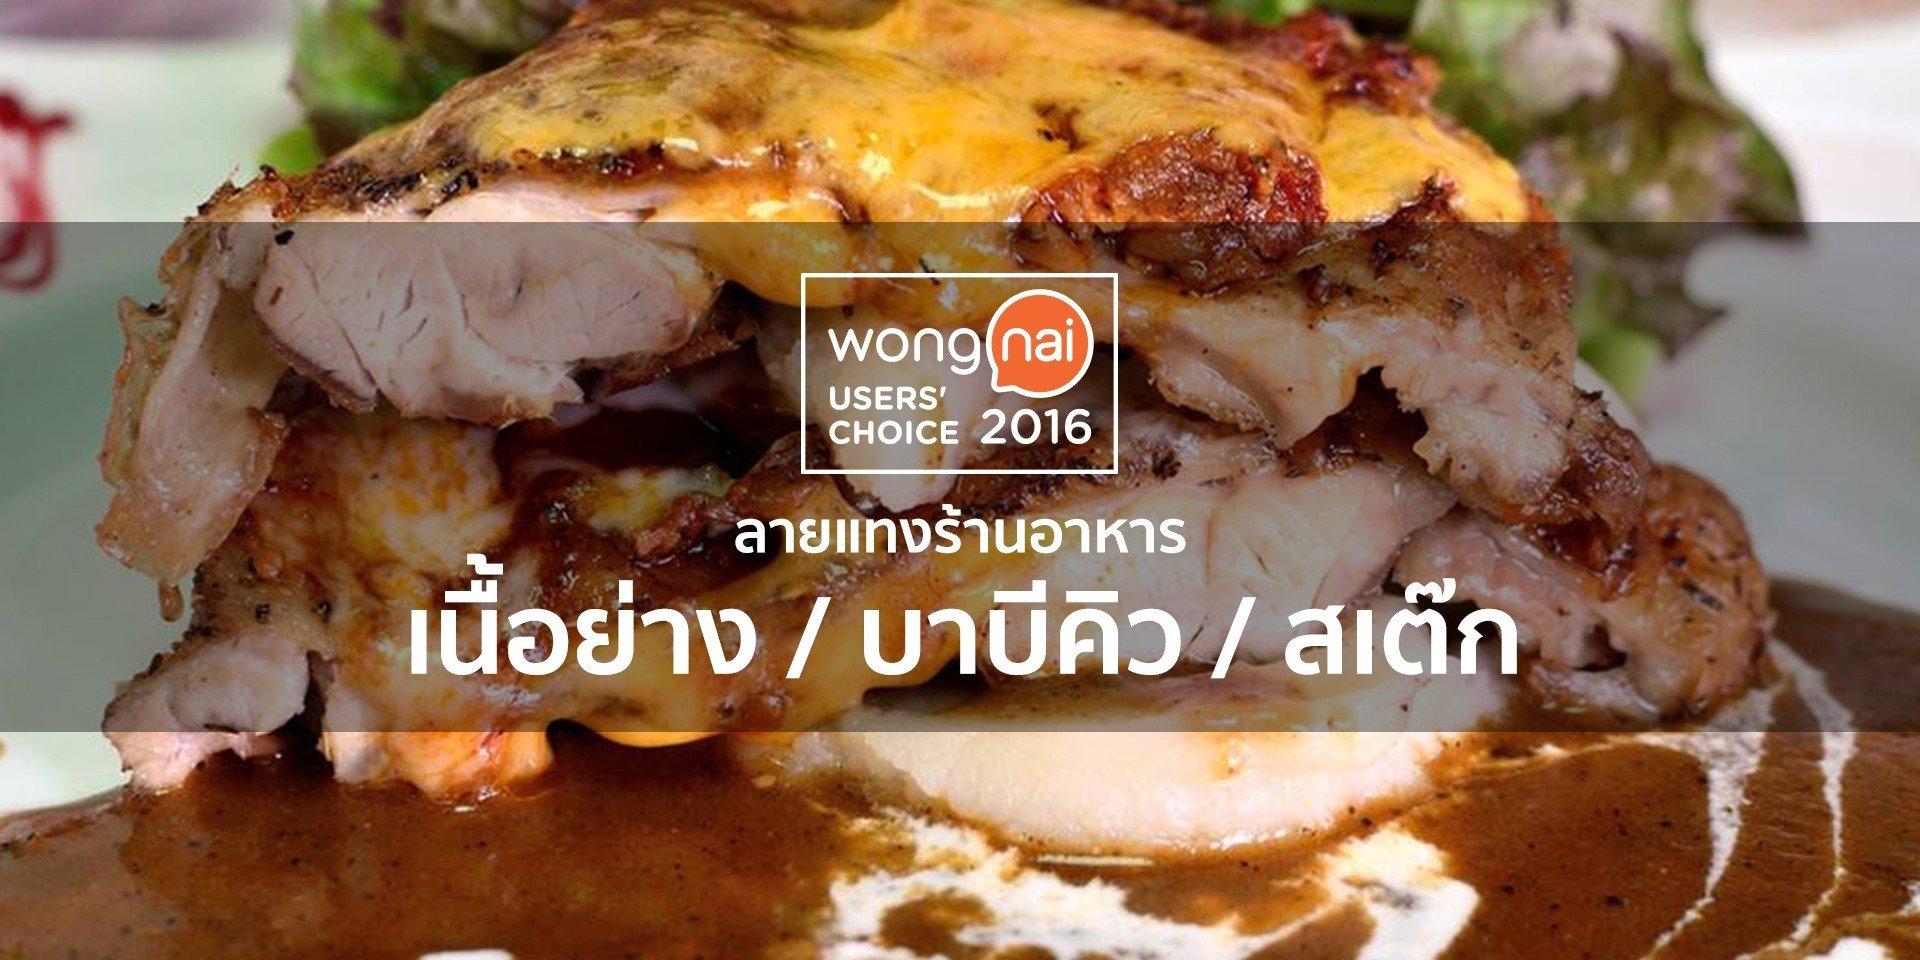 """ร้านเนื้อย่าง บาร์บีคิว และสเต๊กยอดนิยมทั่วไทยจาก """"Wongnai Users' Choice 2016"""""""